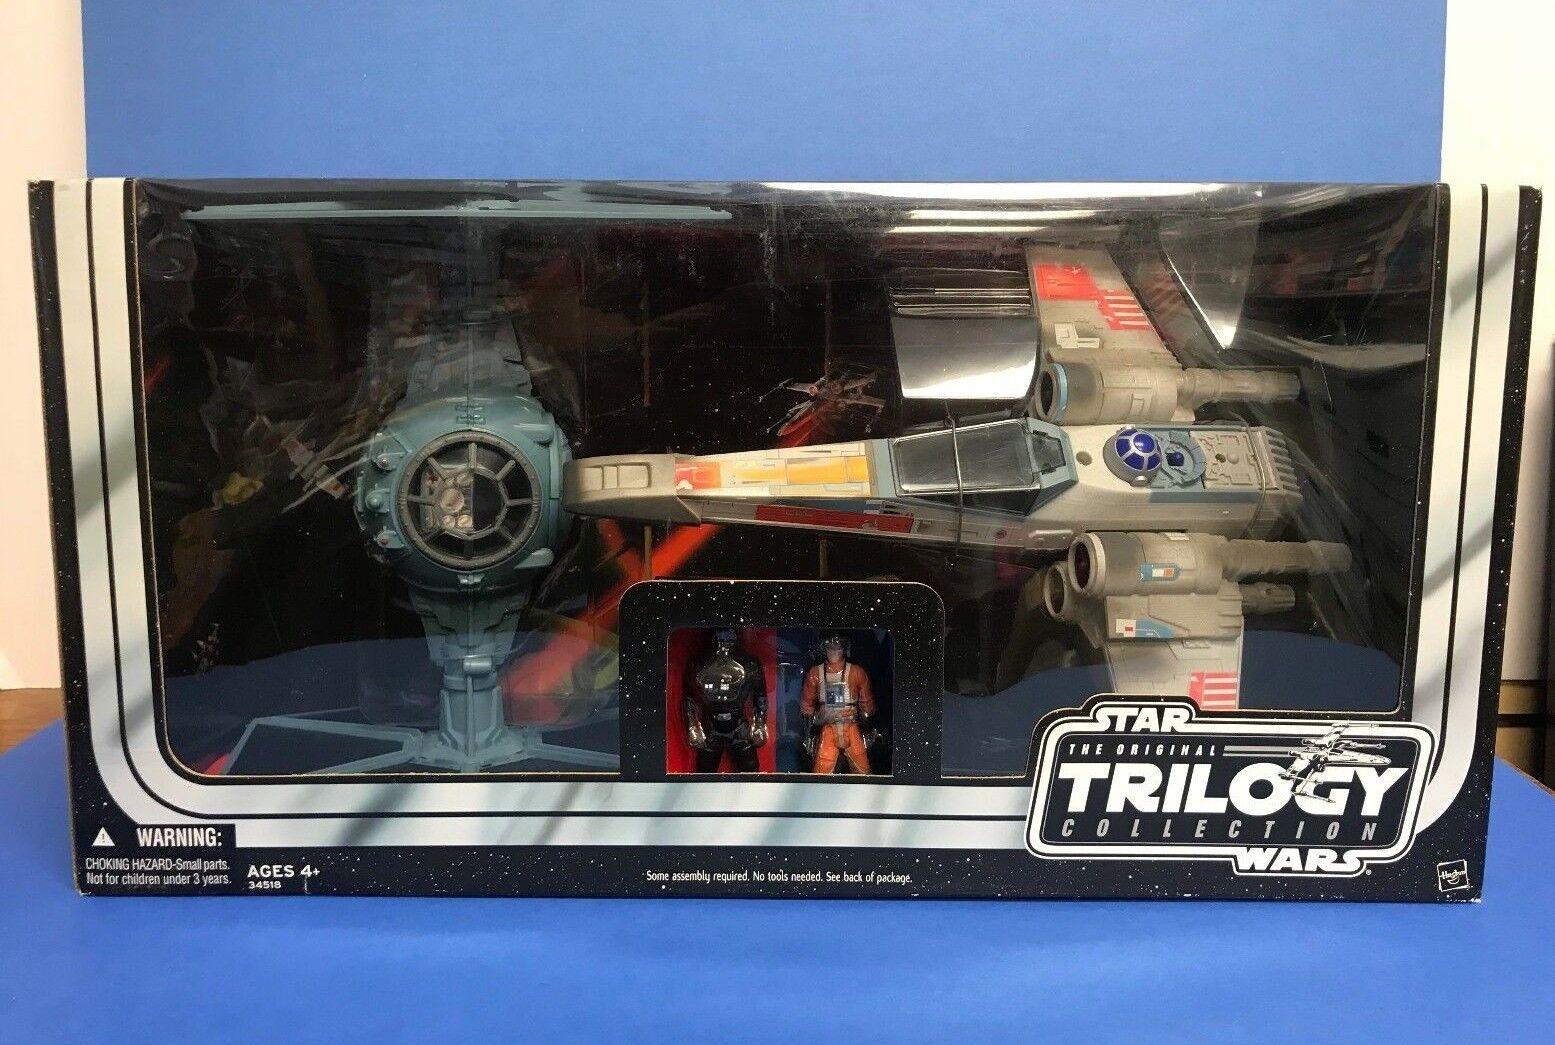 entrega gratis Tie Fighter y X-Wing X-Wing X-Wing Fighter Estrella Wars Trilogy 2004 Hasbro Con Luke Skywalker  despacho de tienda